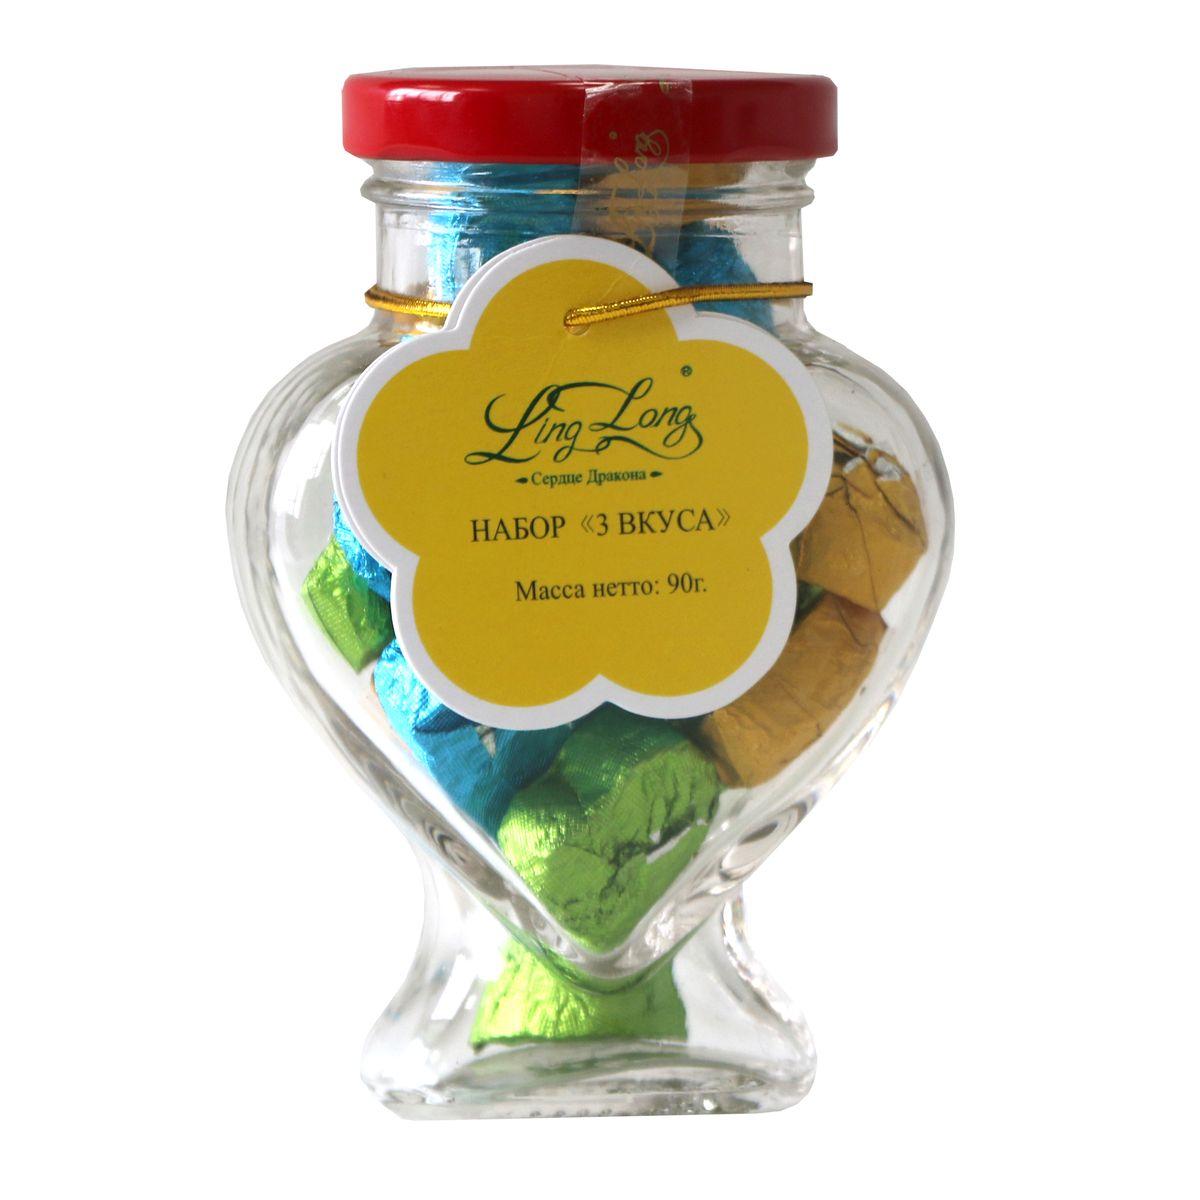 Ling Long набор зеленого молочного и черного листового чая классик, 3 вкуса, 90 г (стеклянная банка)101246В набор Ling Long входят три вида чая: чай зеленый, чай черный Пуэр, чай Улун с ароматом сливок. Спрессован в форме сердечек. Такой чай станет отличным подарком друзьям или близким.